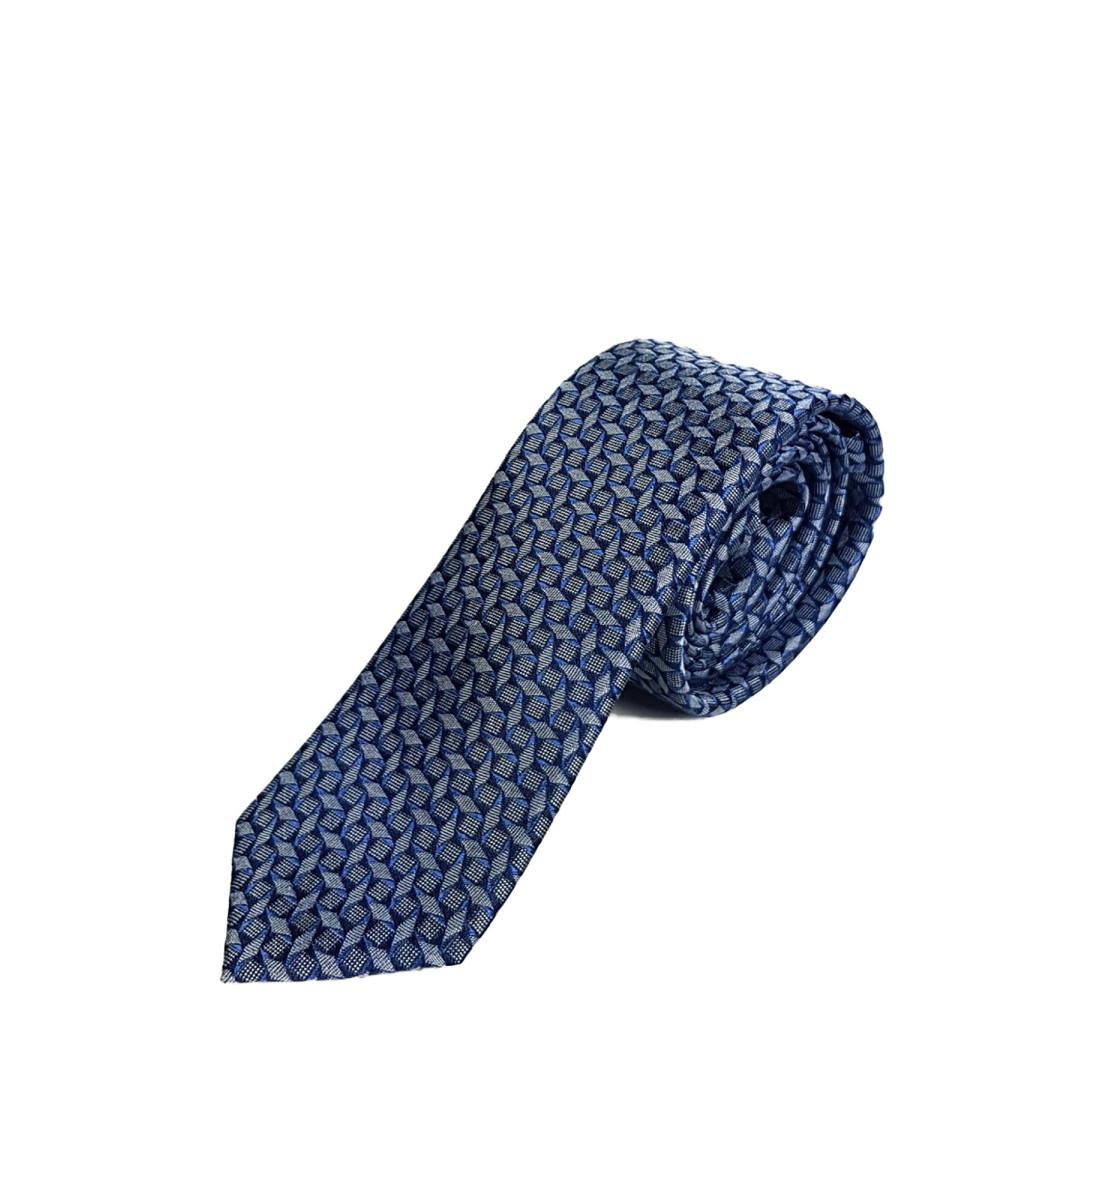 Cravate fine fantaisie 100% soie BLEU GRIS